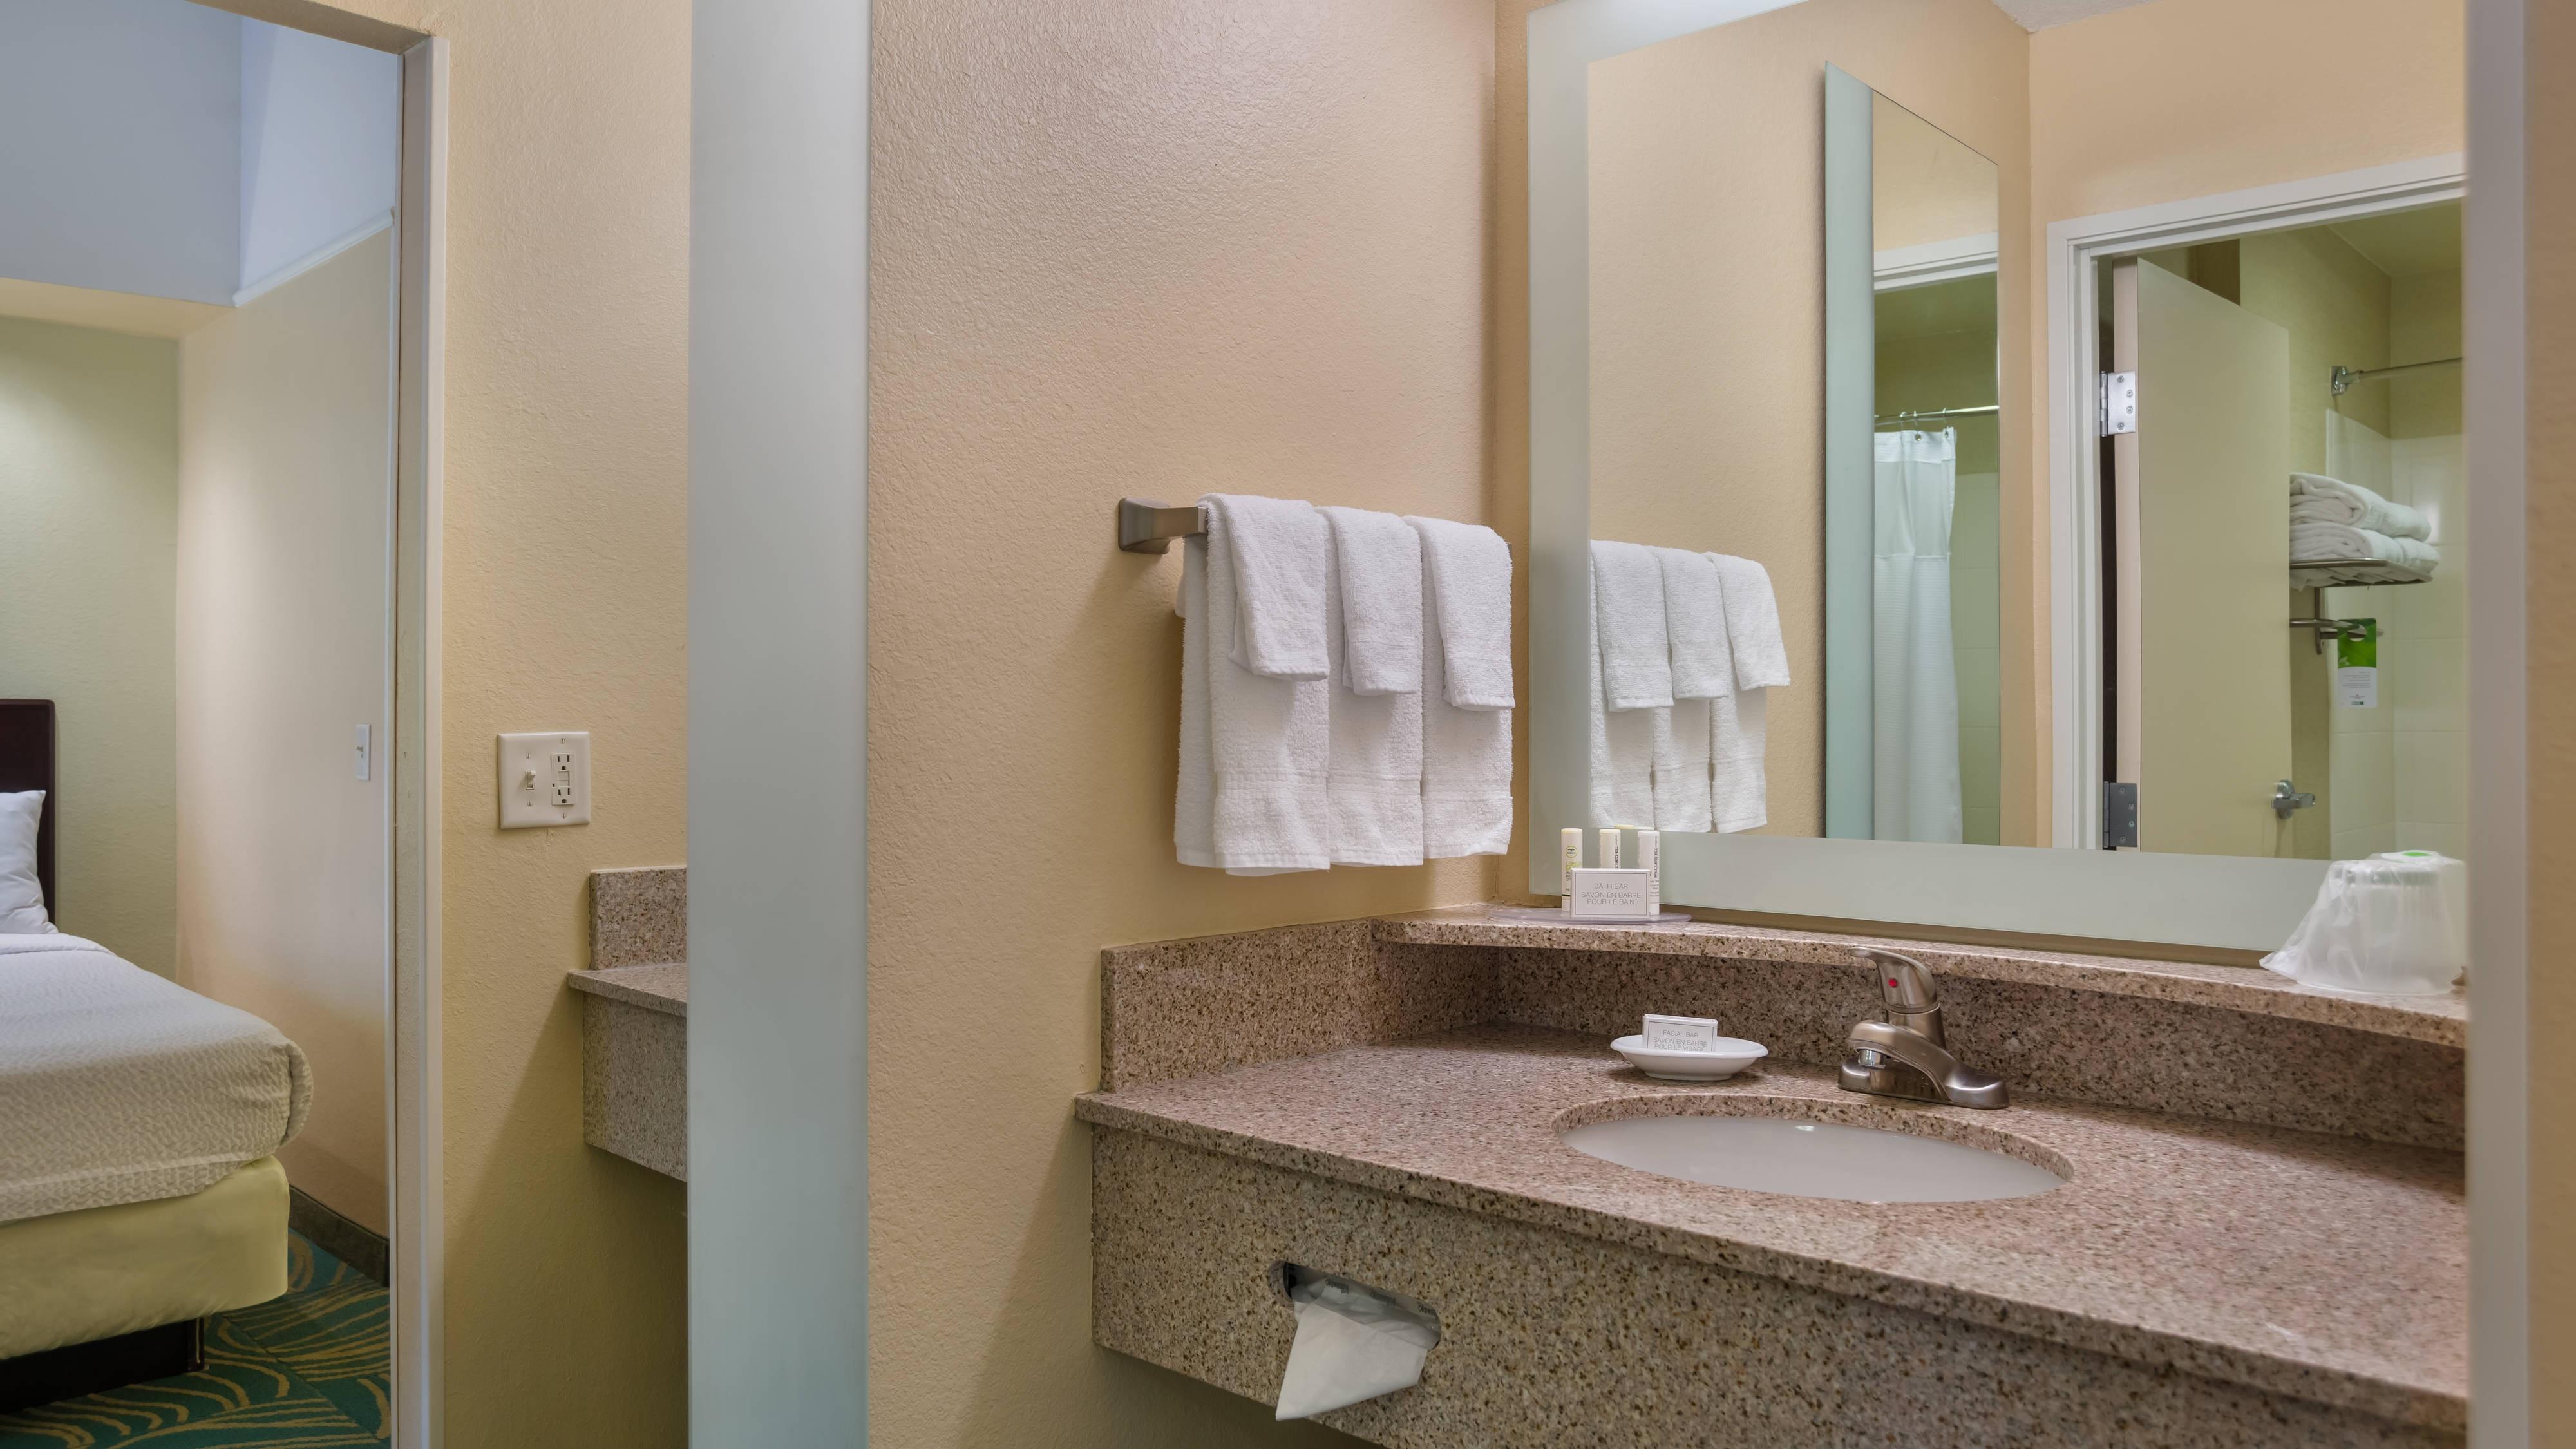 SpringHill Suites St. Petersburg Clearwater Bathroom